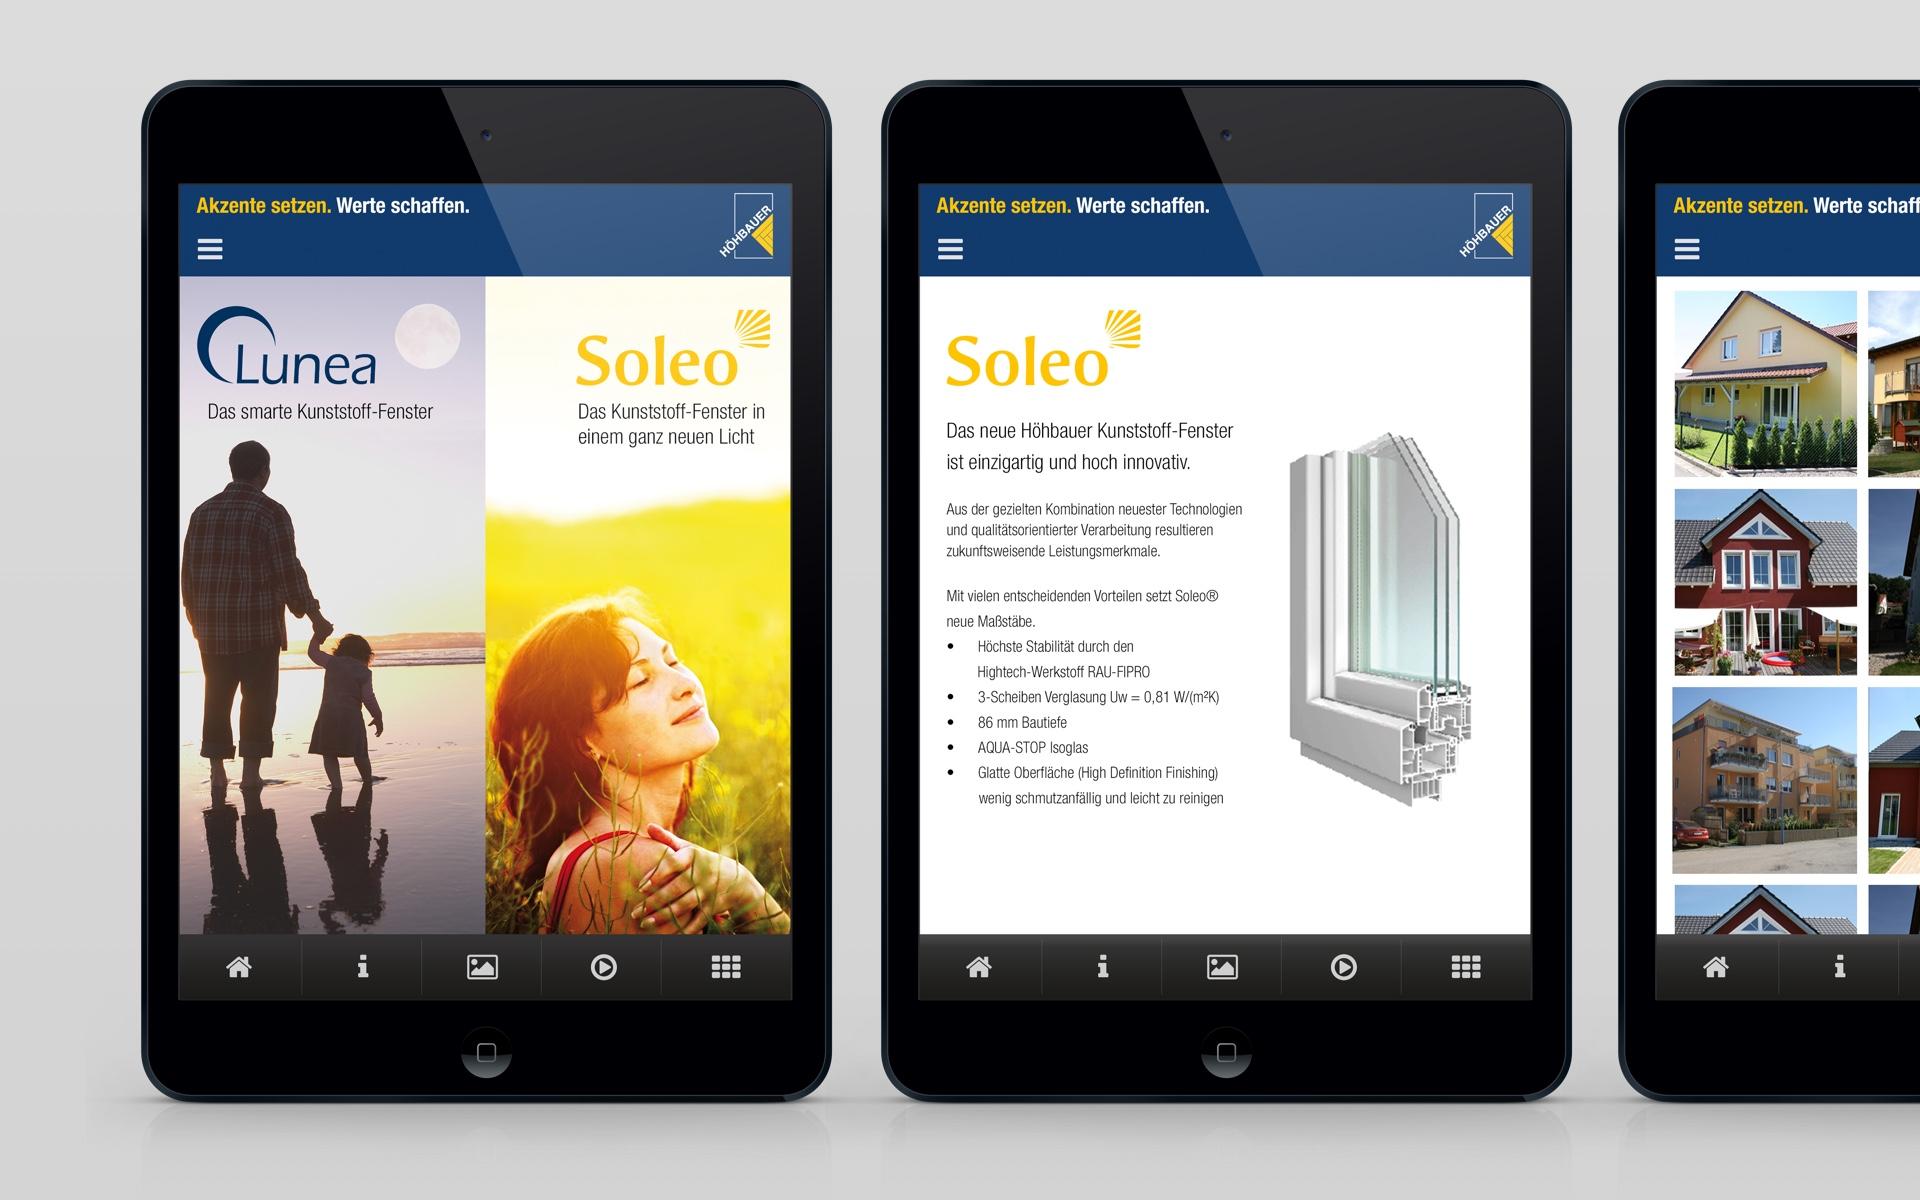 Mobile Applikation und interaktive Produktpräsentation für die Höhbauer GmbH von der Designagentur das formt aus München